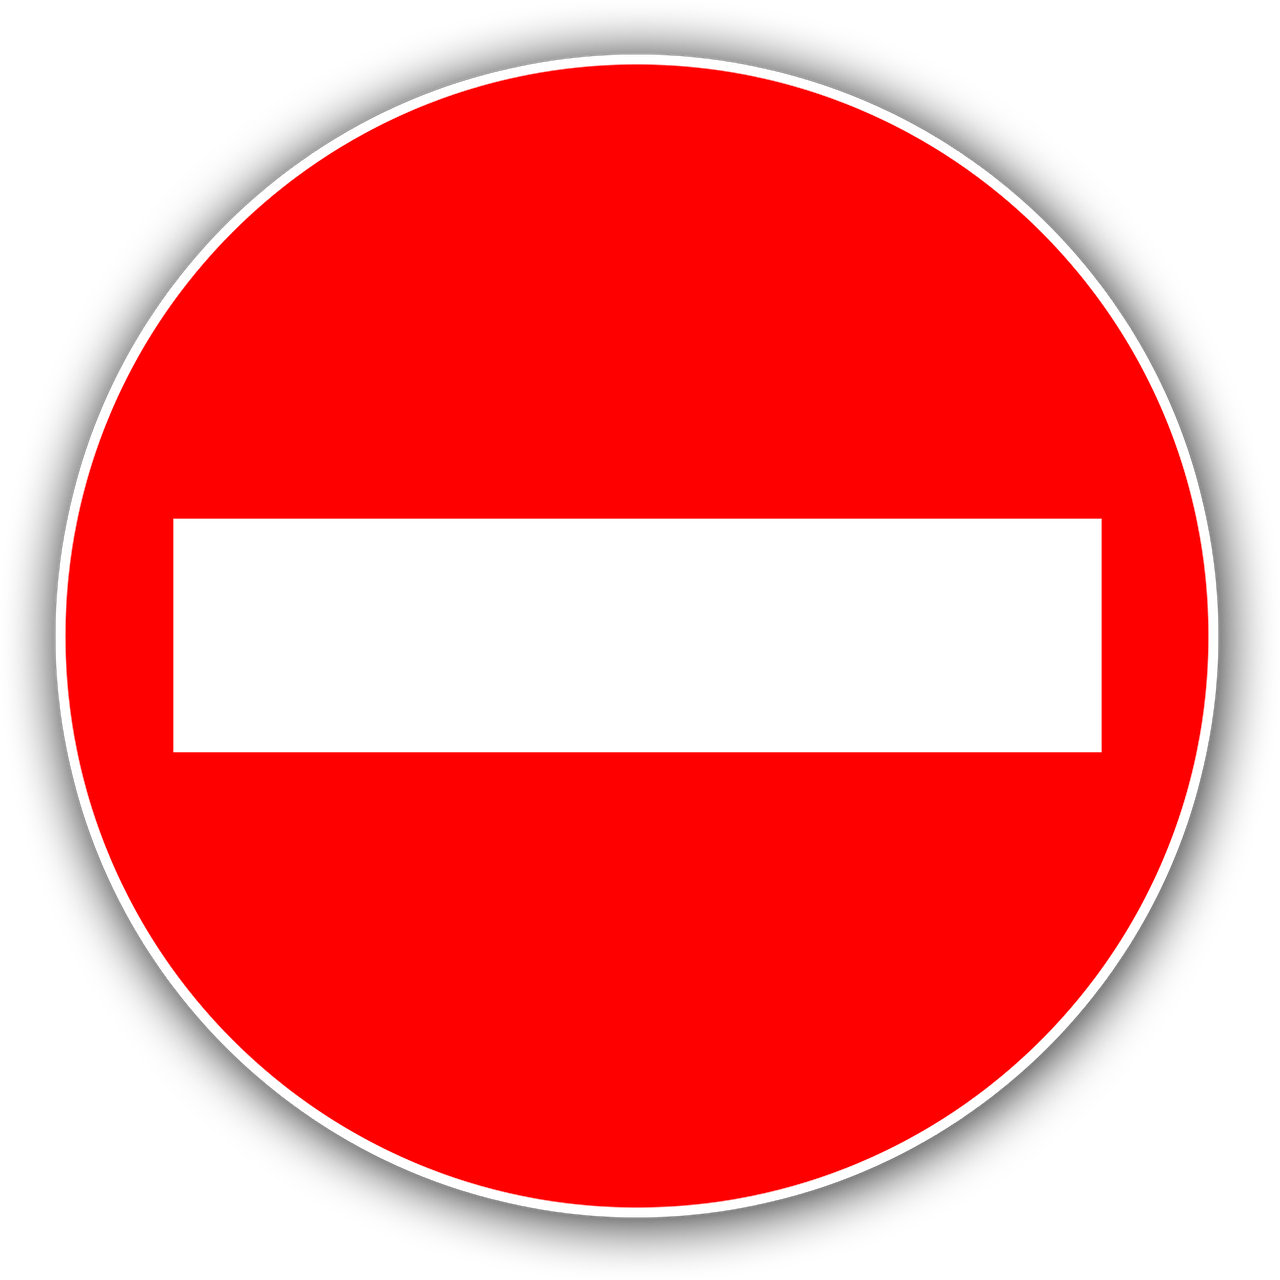 Panneau Sens Interdit Image Gratuite Sur Pixabay